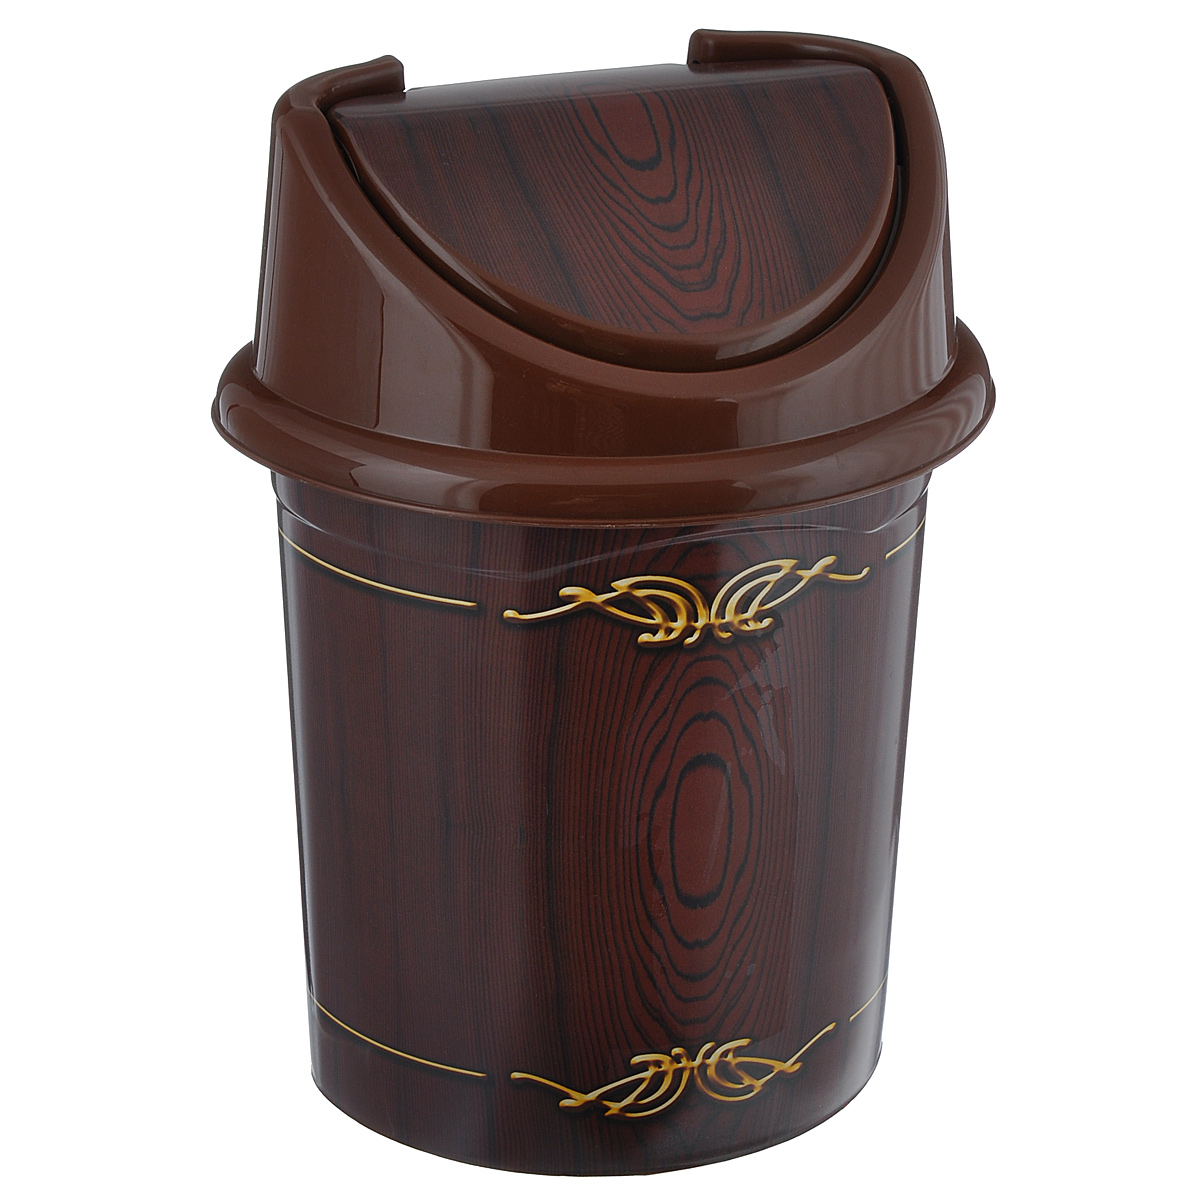 Контейнер для мусора Violet Дерево, цвет: коричневый, желтый, 14 лRG-D31SКонтейнер для мусора Violet Дерево изготовлен из прочного пластика.Такой аксессуар очень удобен в использовании как дома, так и в офисе.Контейнер снабжен удобной съемной крышкой с подвижной перегородкой.Стильный дизайн сделает его прекрасным украшением интерьера.Размер изделия: 29 см х 31,5 см х 45 см.